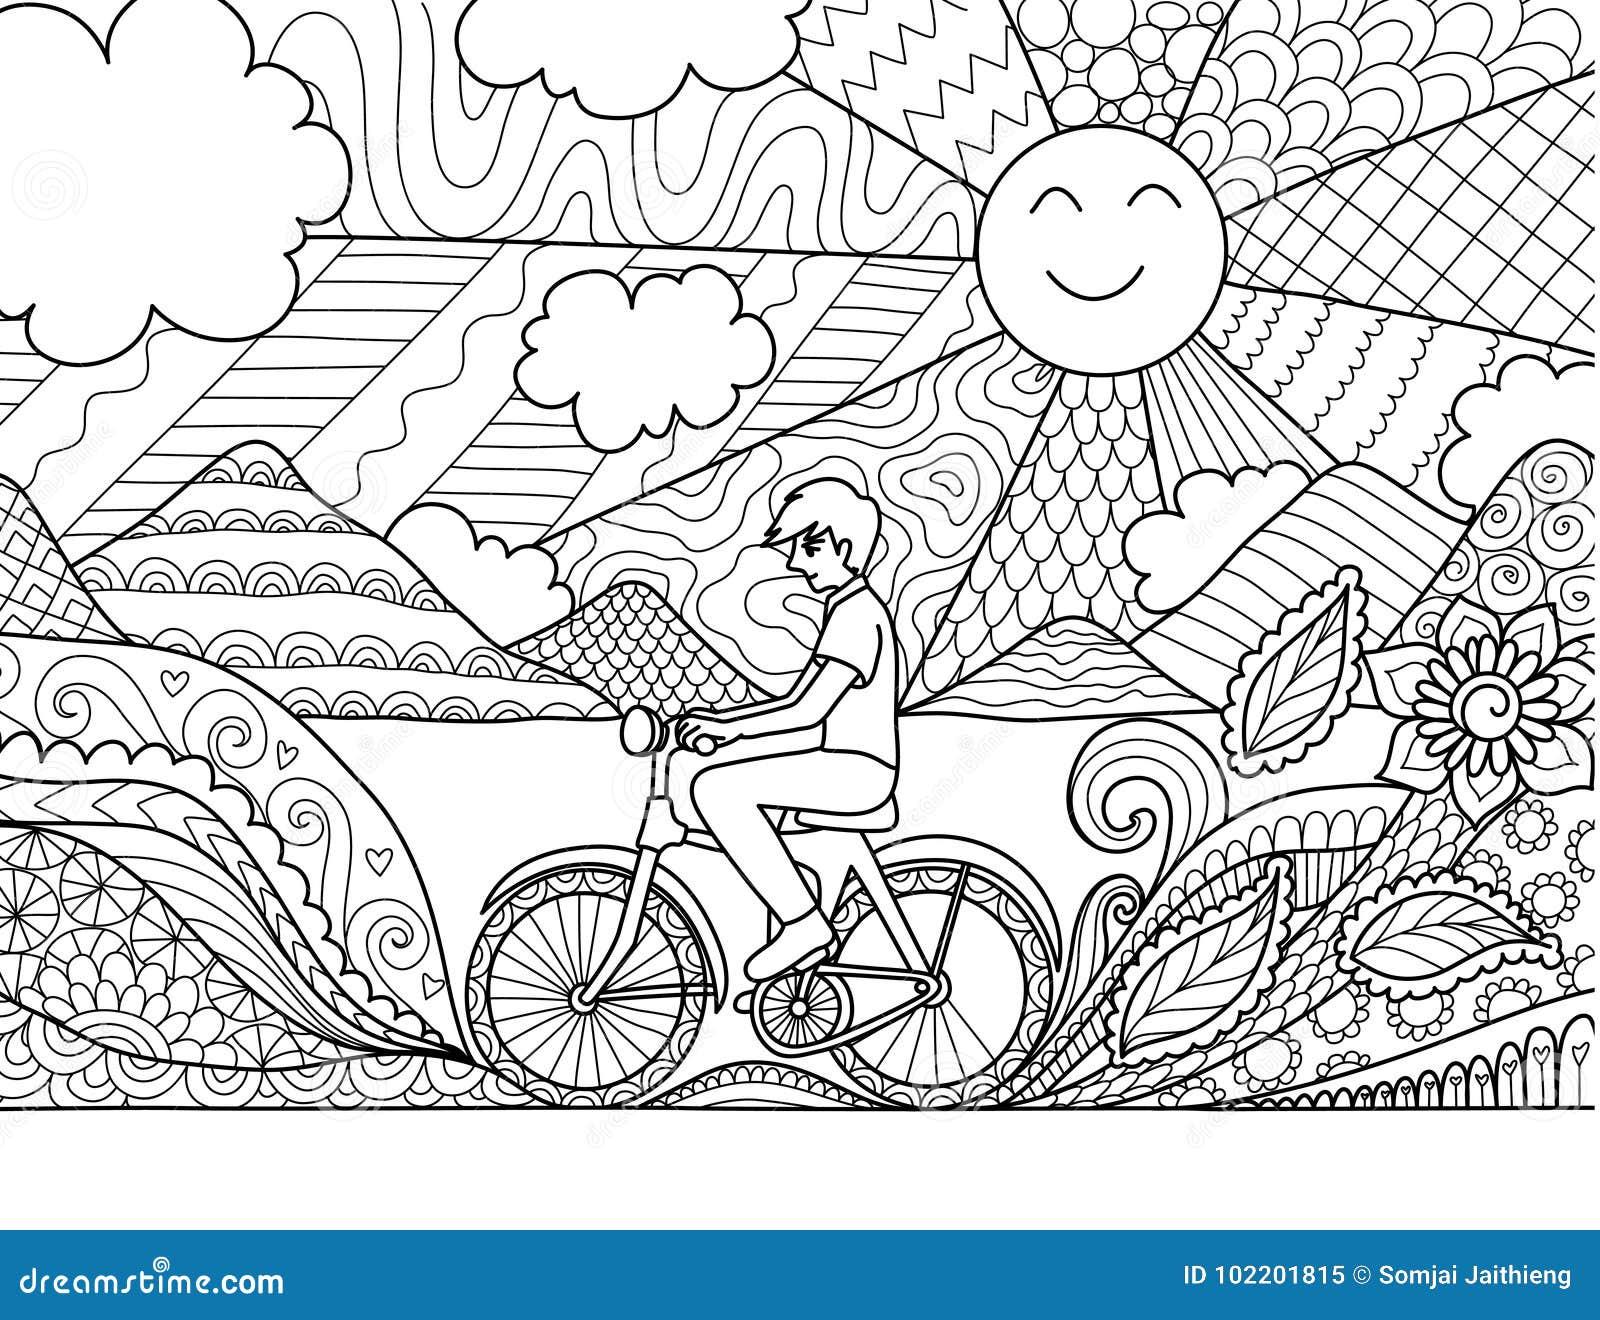 Bicicleta Del Montar A Caballo Del Hombre Joven Feliz En La ...